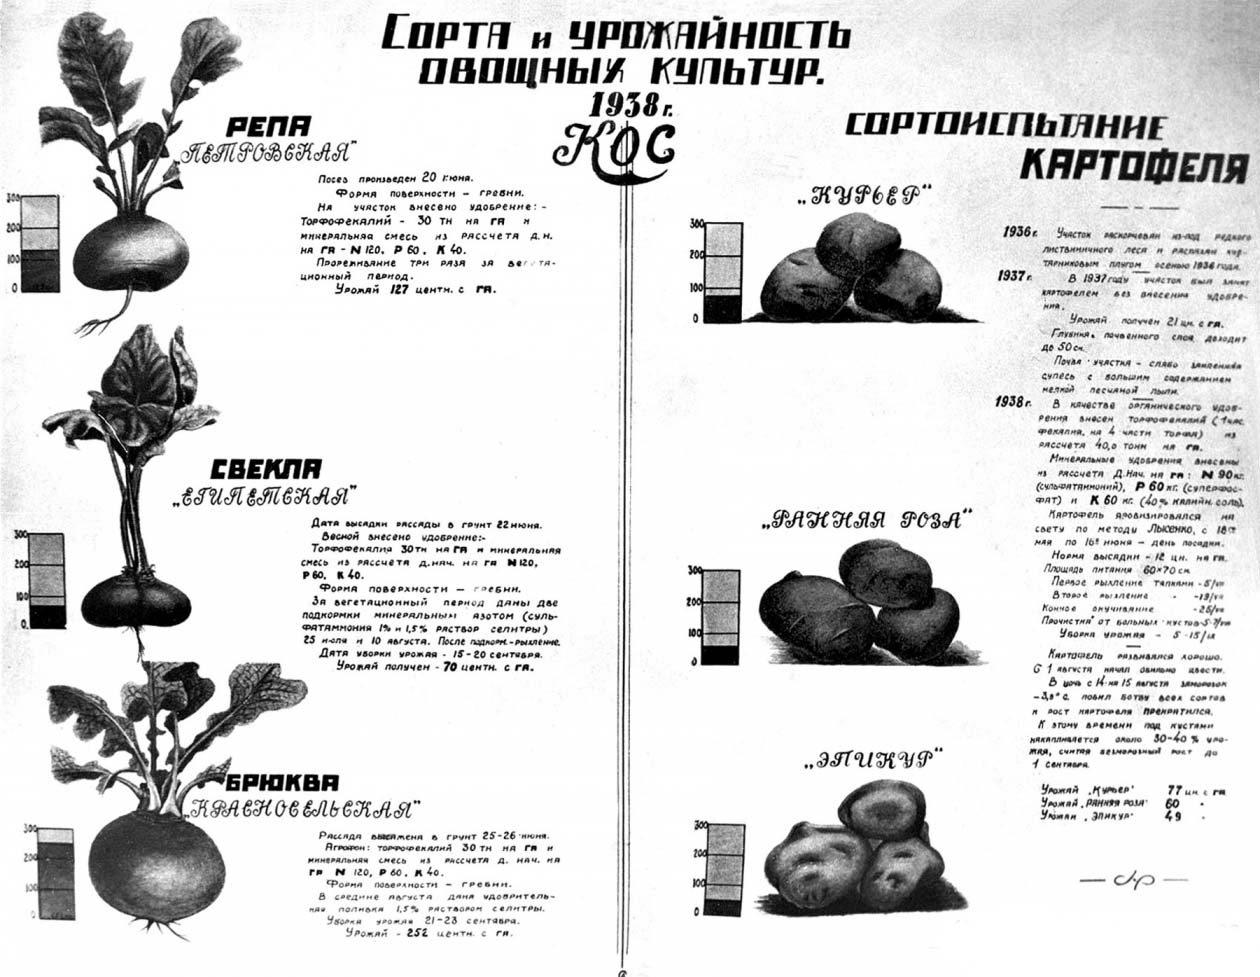 Сорта и урожайность овощных культур. КОС. 1938 год. Из архива Ивана Паникарова.